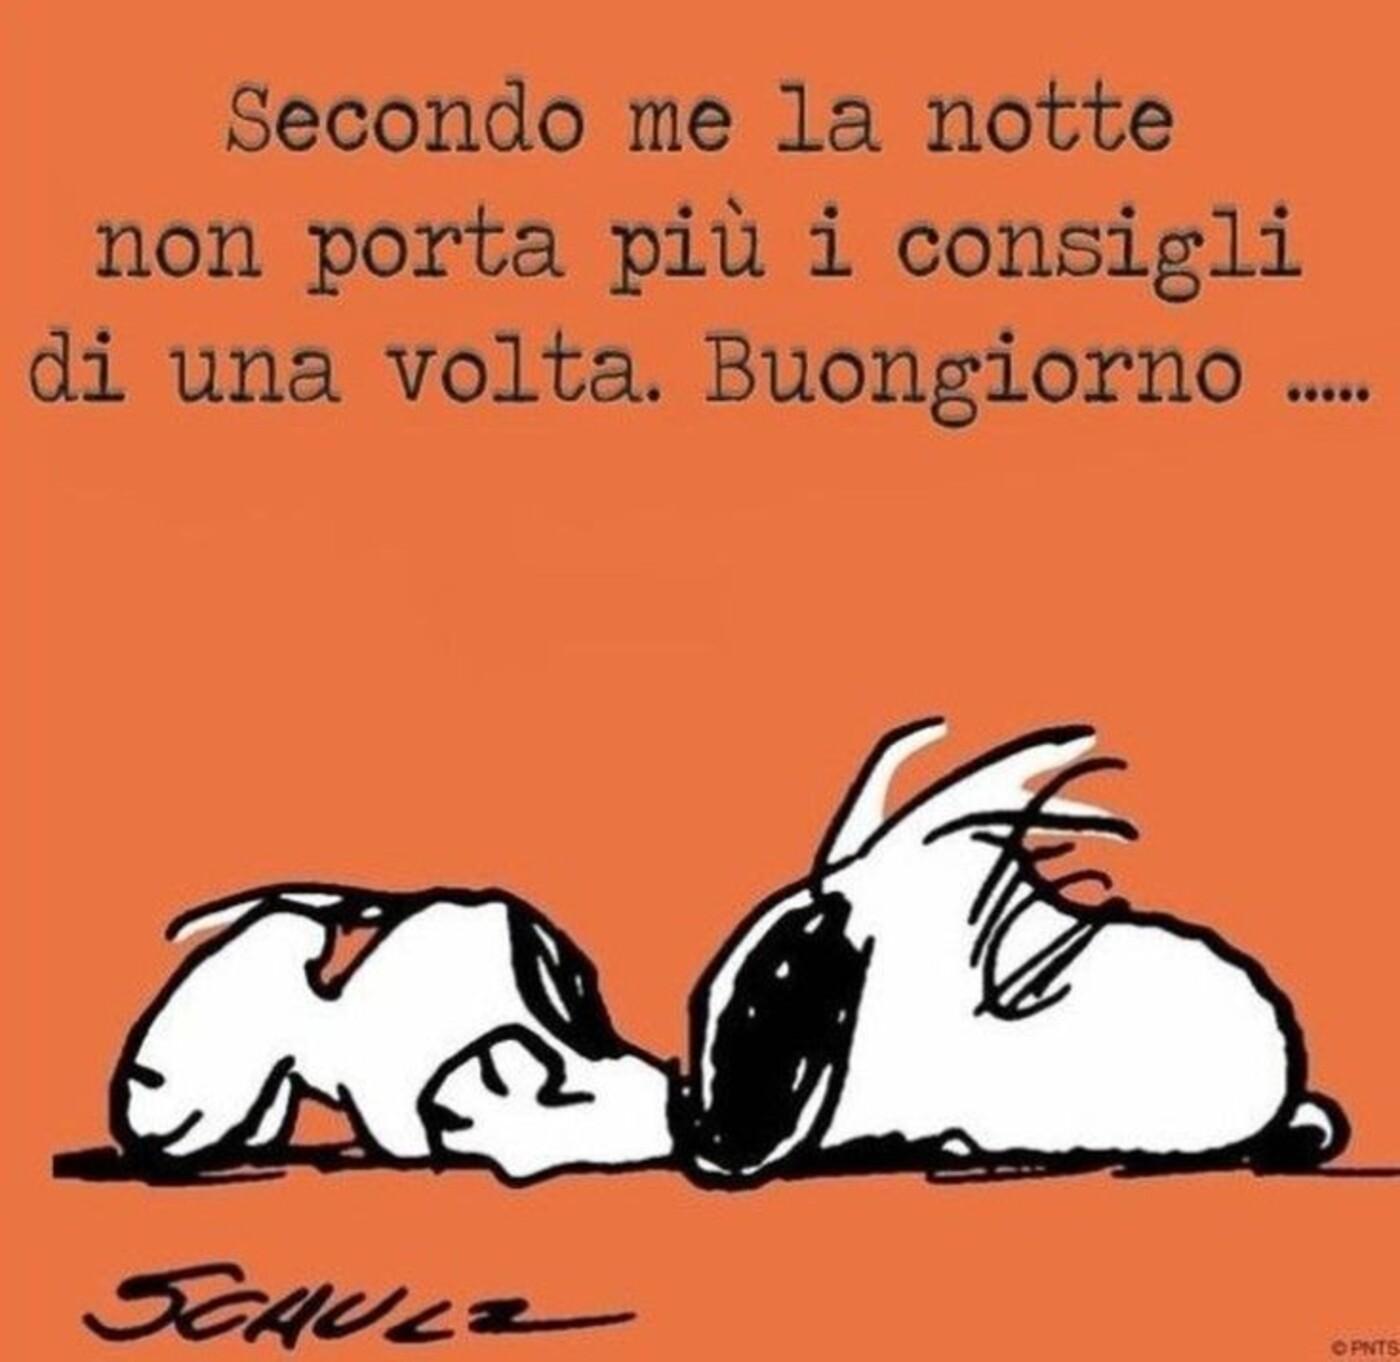 """""""Secondo me la notte non porta più i consigli di una volta... Buongiorno"""" - Snoopy"""